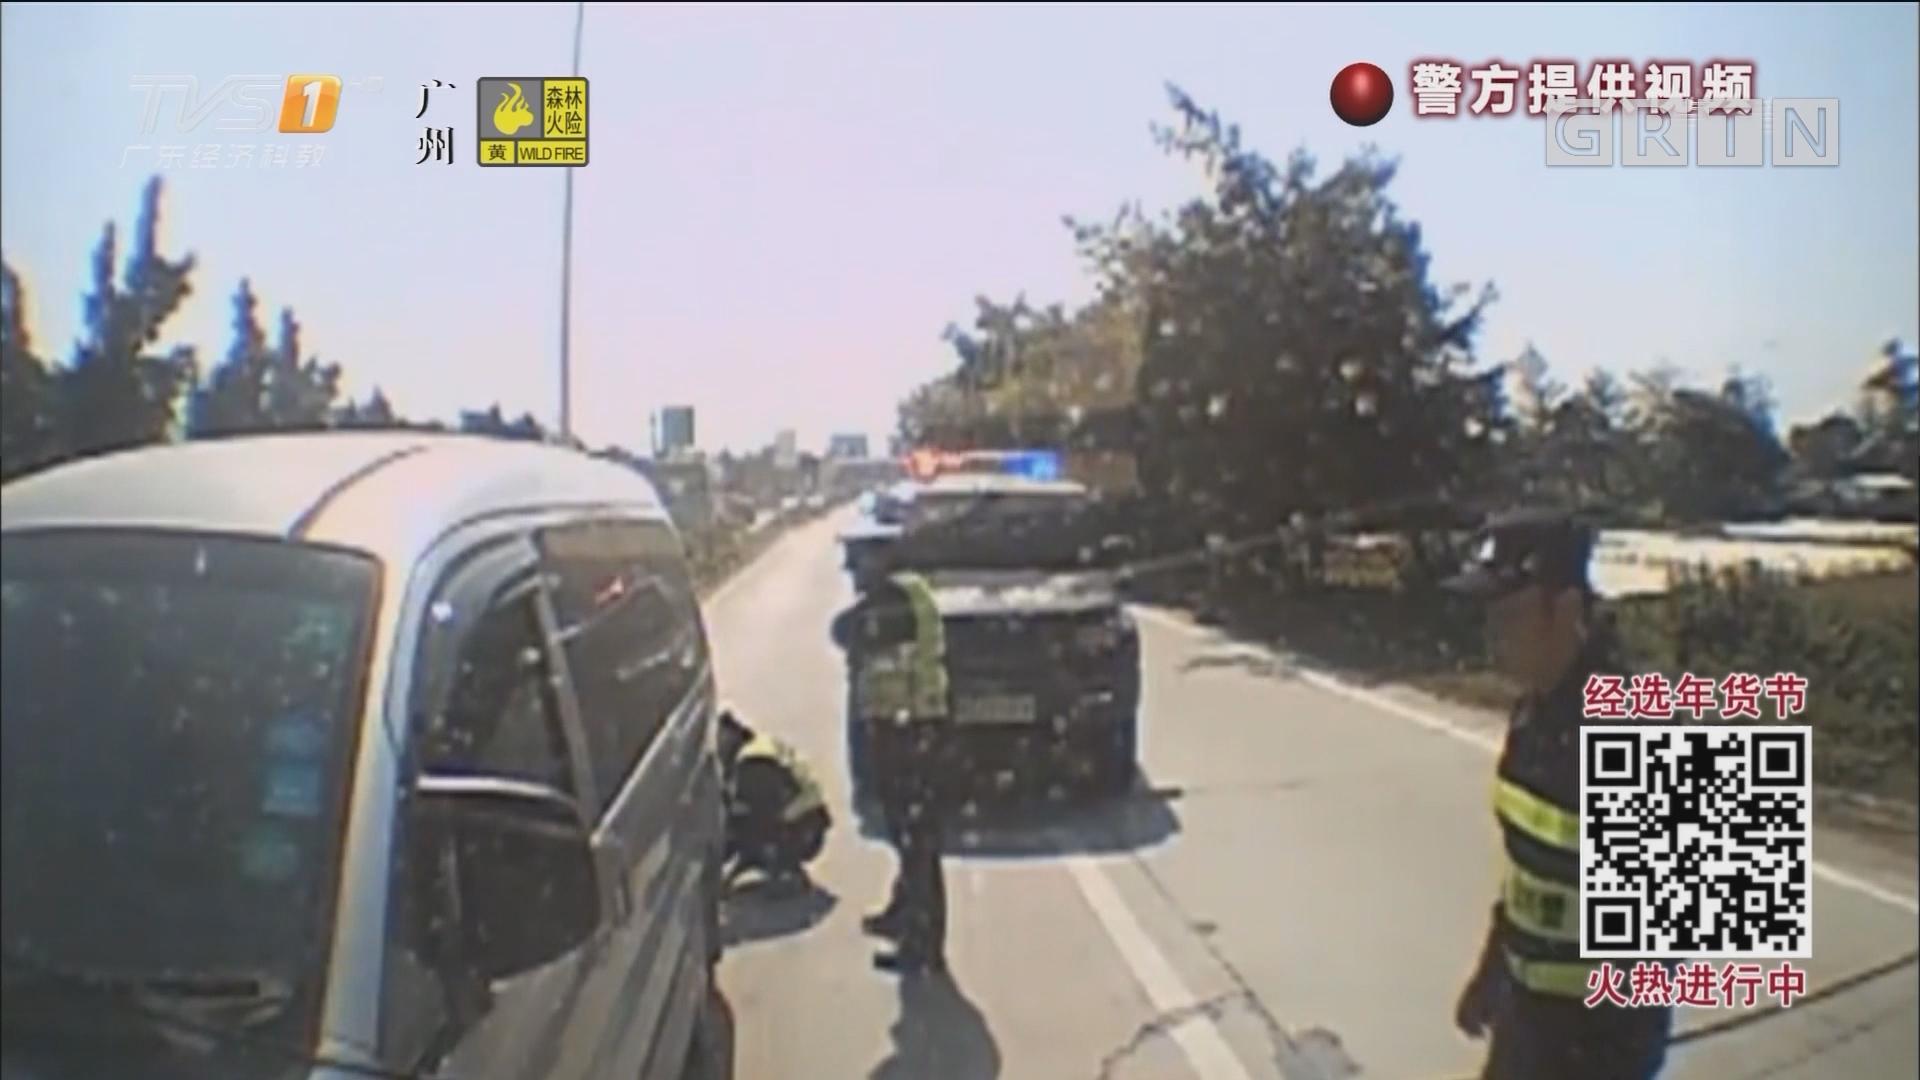 肇庆:两次冲卡撞警车 小面包车竟塞了14人